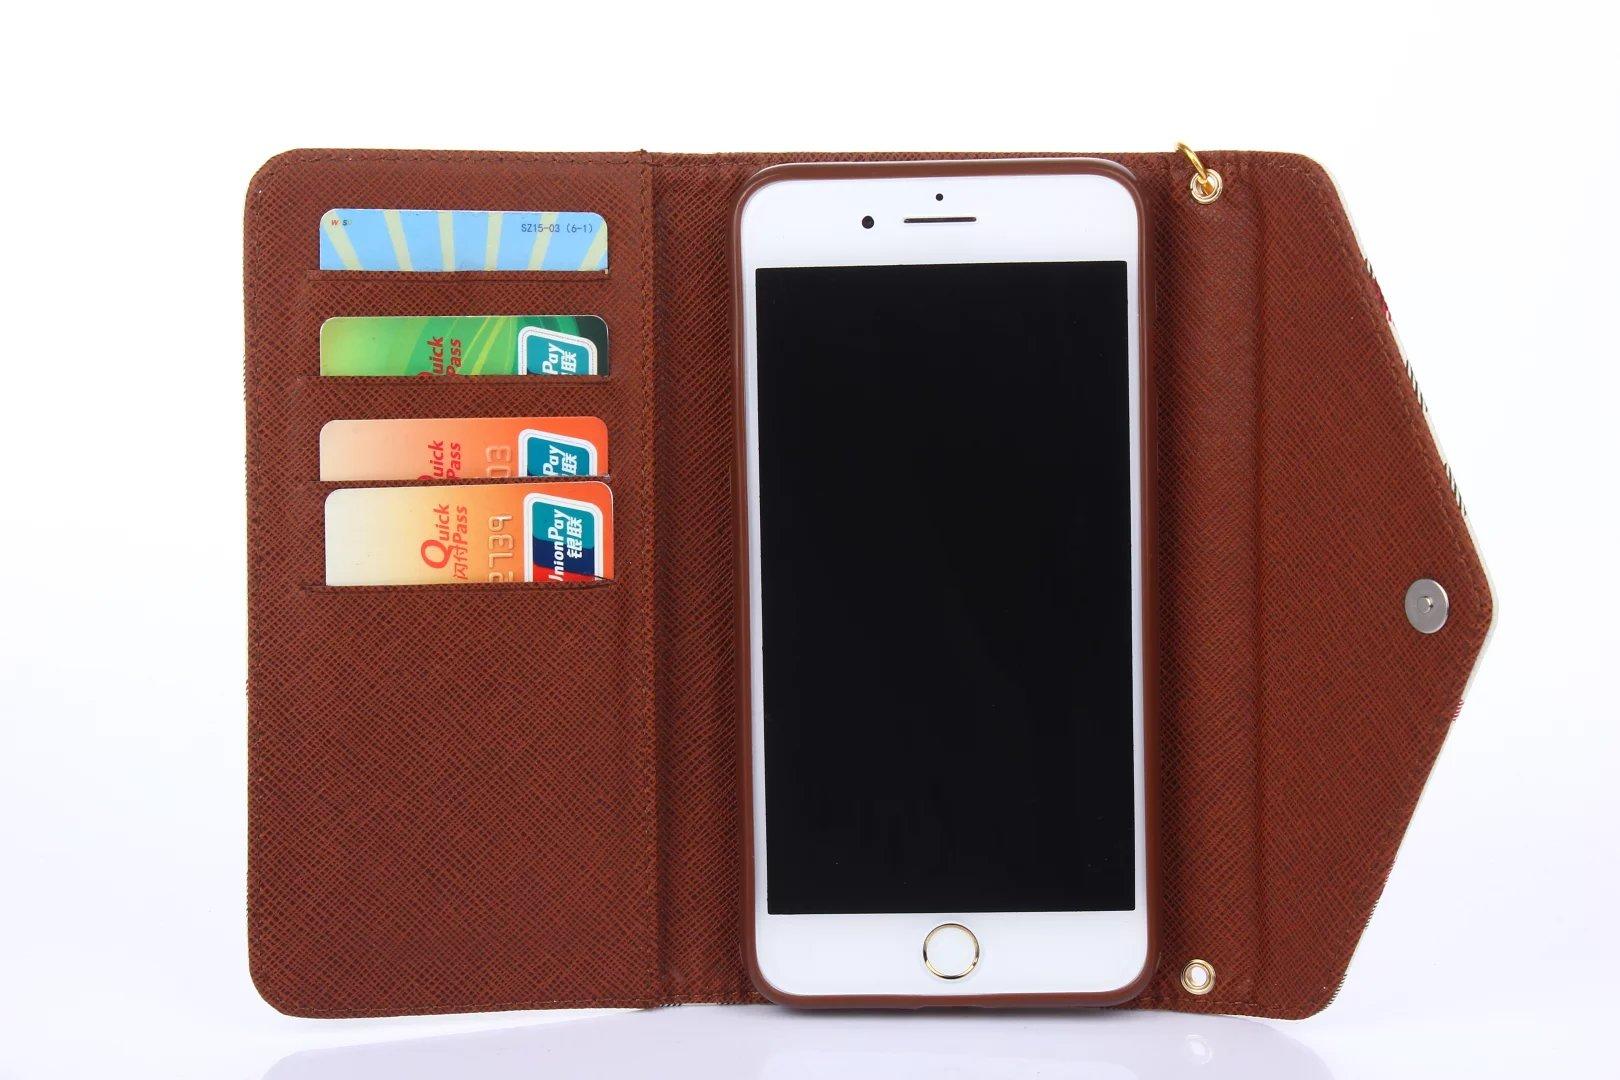 original iphone hülle iphone hülle holz Burberry iphone7 hülle apple 7 hülle durchsichtige handyhülle iphone 7 bester schutz iphone 7 iphone 7 angebot iphone 7 alu ca7 coole iphone 7 hüllen